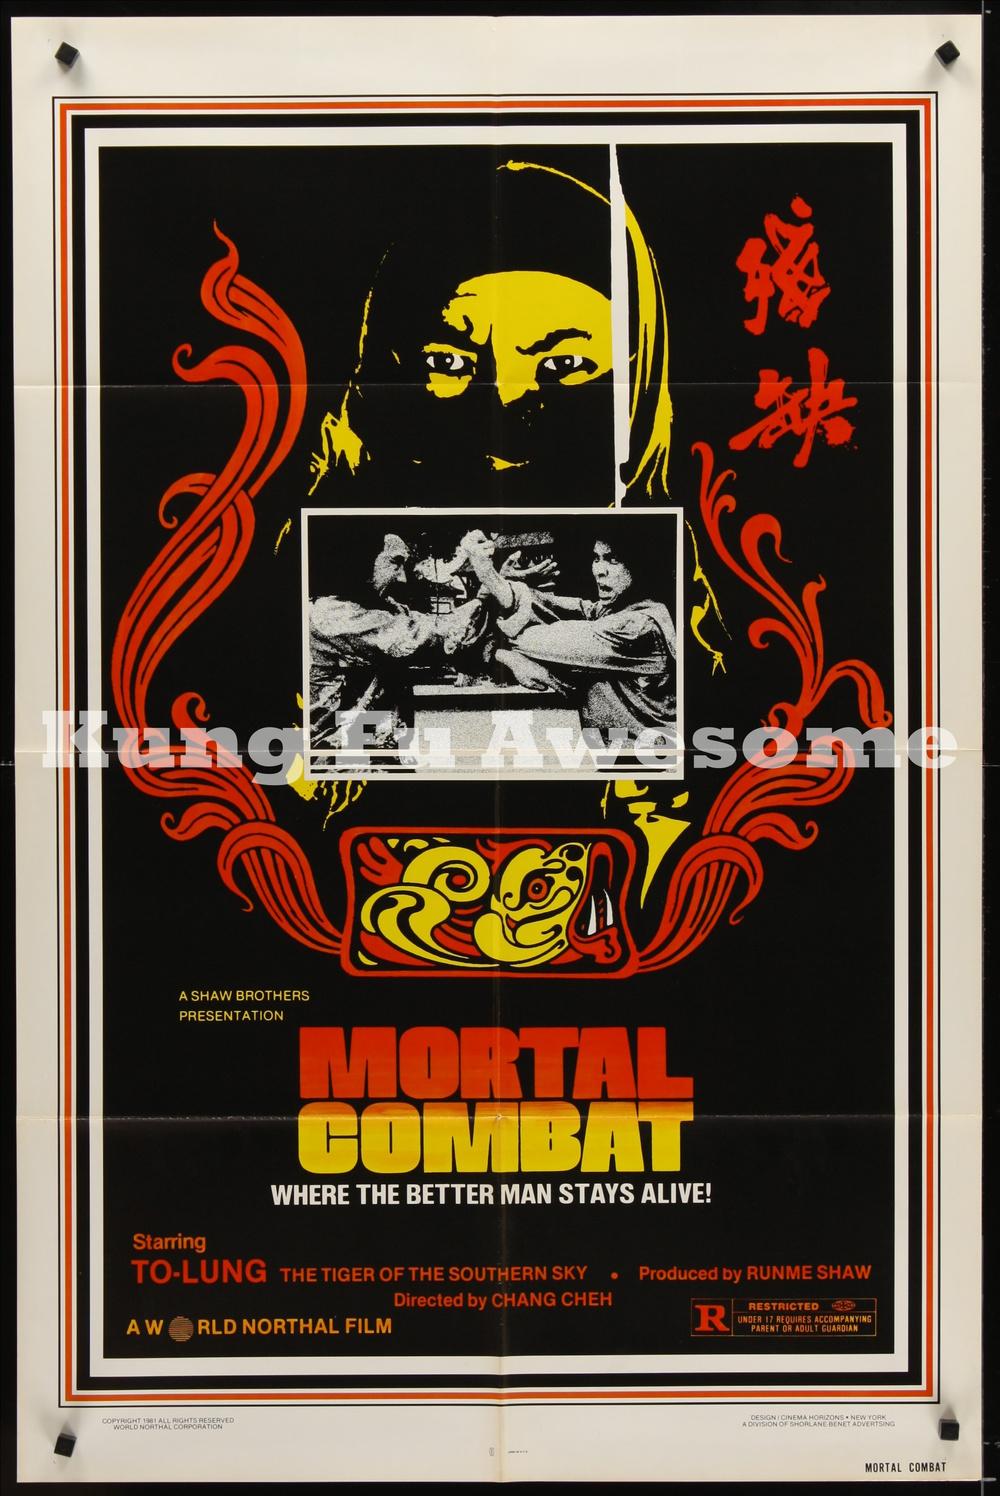 mortal_combat_JC03135_L.jpg